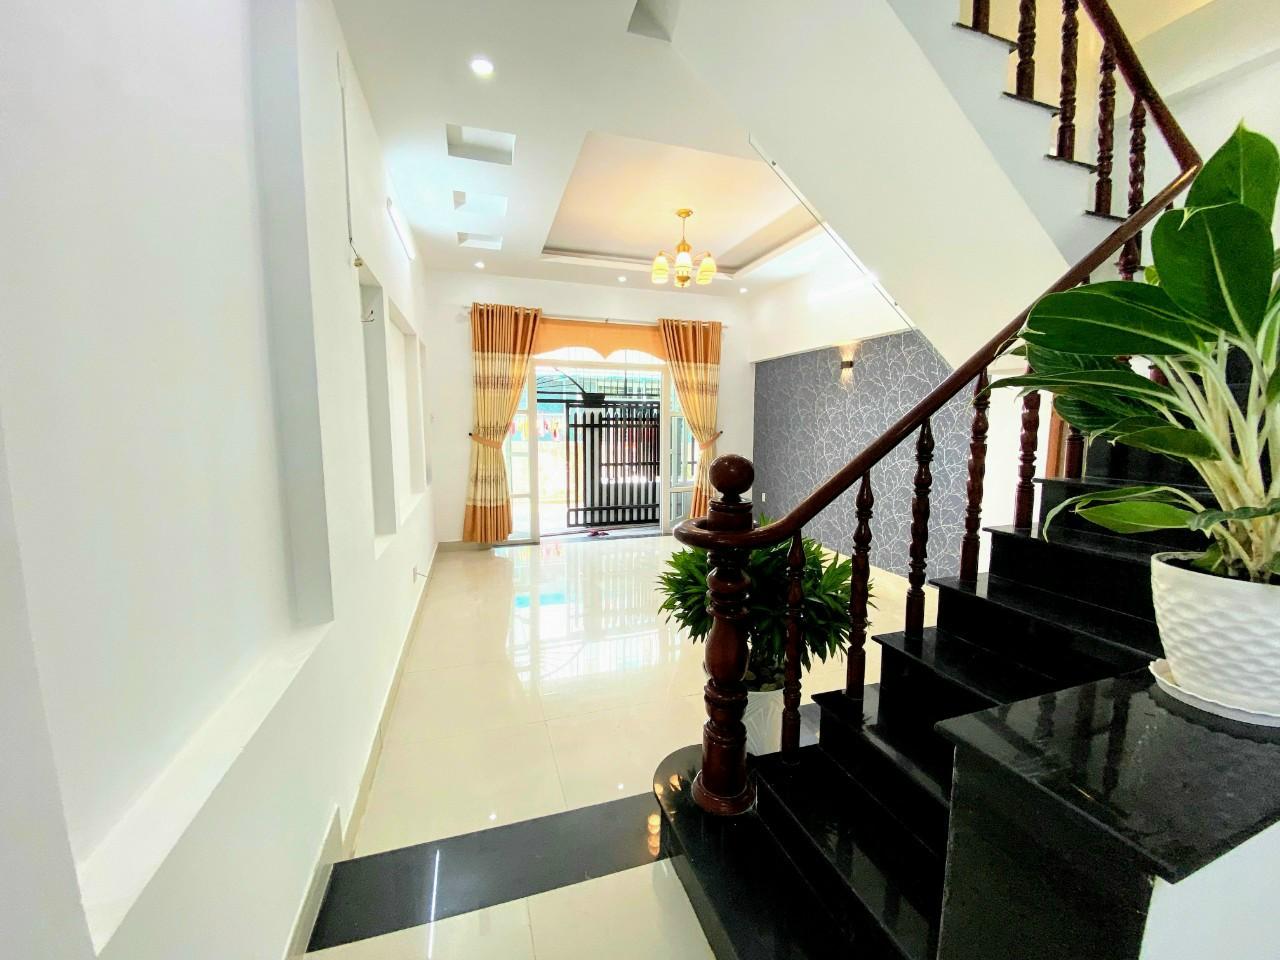 Bán nhà riêng tại Phường Thạnh Xuân, Quận 12 Gá rẻ nhất thị trường.